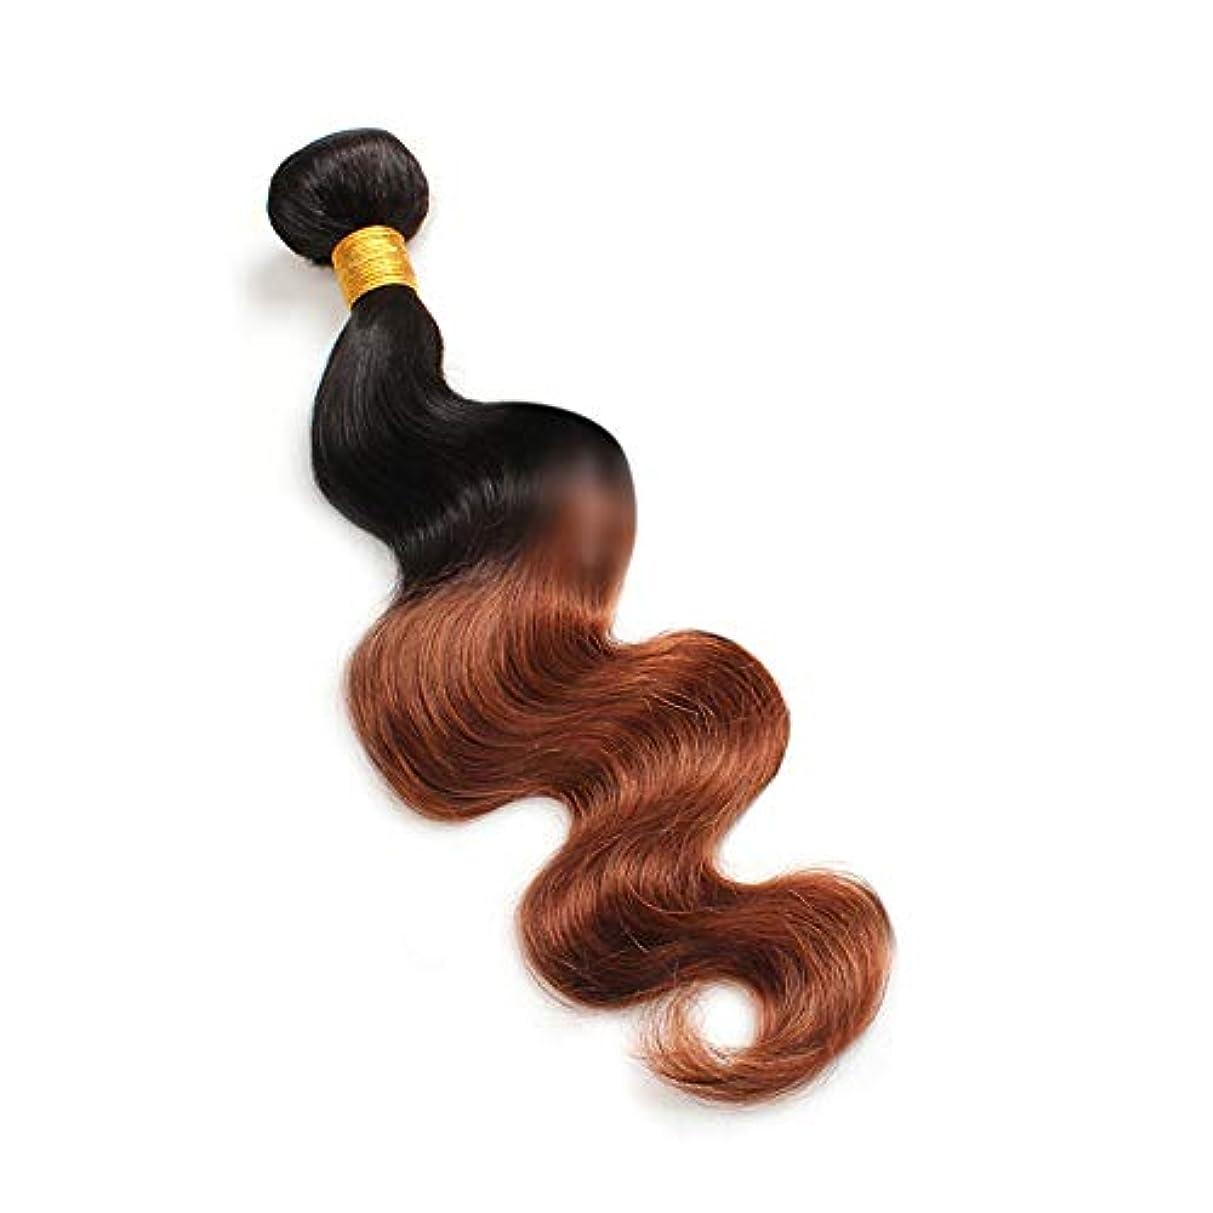 下線まだら柱HOHYLLYA 実体波人間の髪の毛1バンドルナチュラルヘアエクステンション横糸 - 1B / 30#黒と茶色のツートンカラー(100g / 1バンドル)合成髪レースかつらロールプレイングかつら長くて短い女性自然 (色...